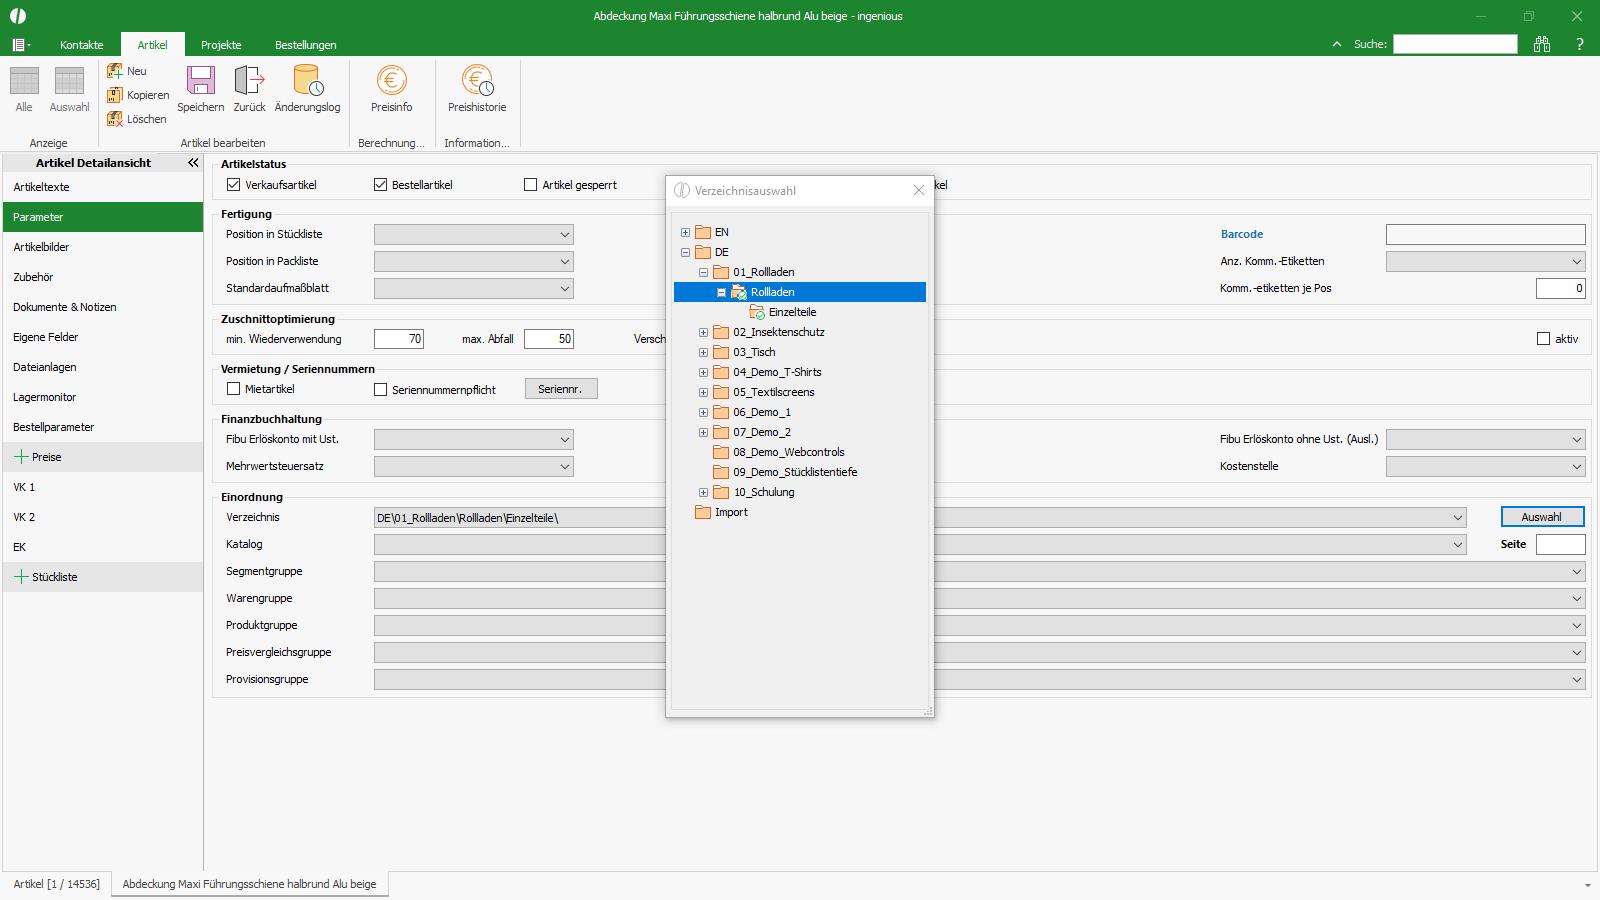 Ingenious Software Artikel Detailansicht Katalogzuweisung